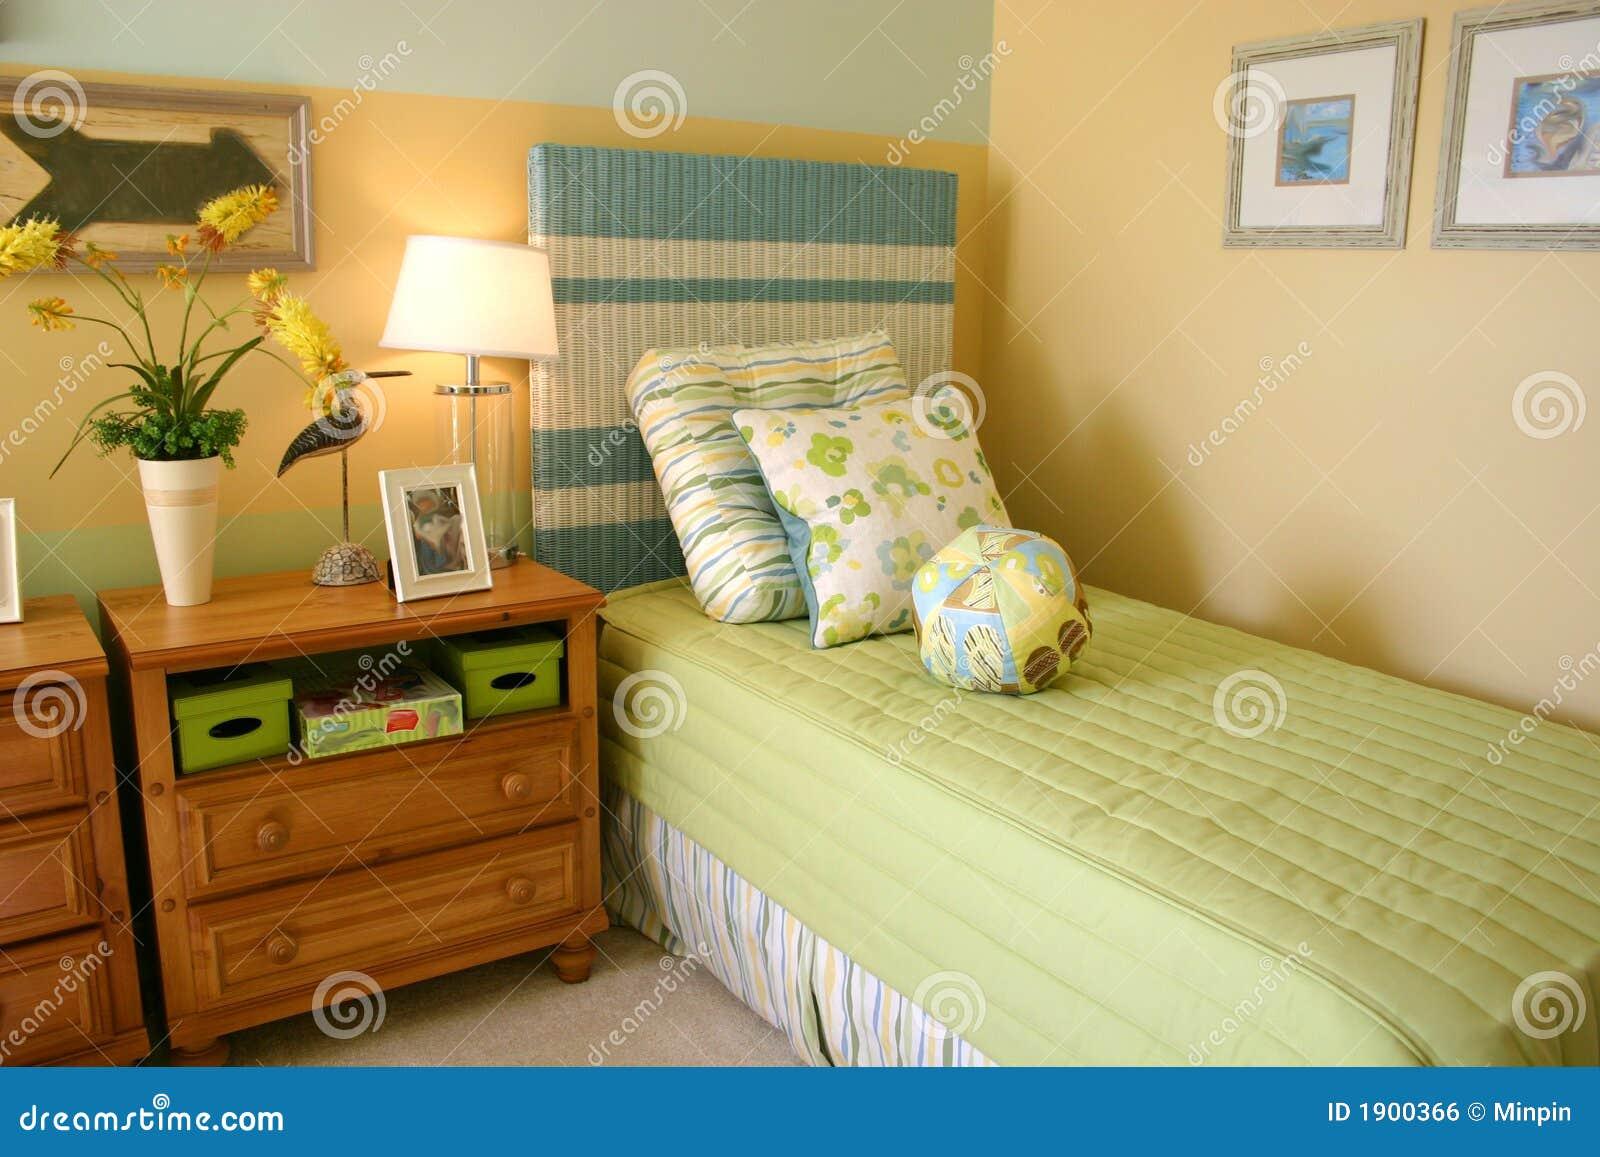 La chambre à coucher de l'enfant image libre de droits   image ...